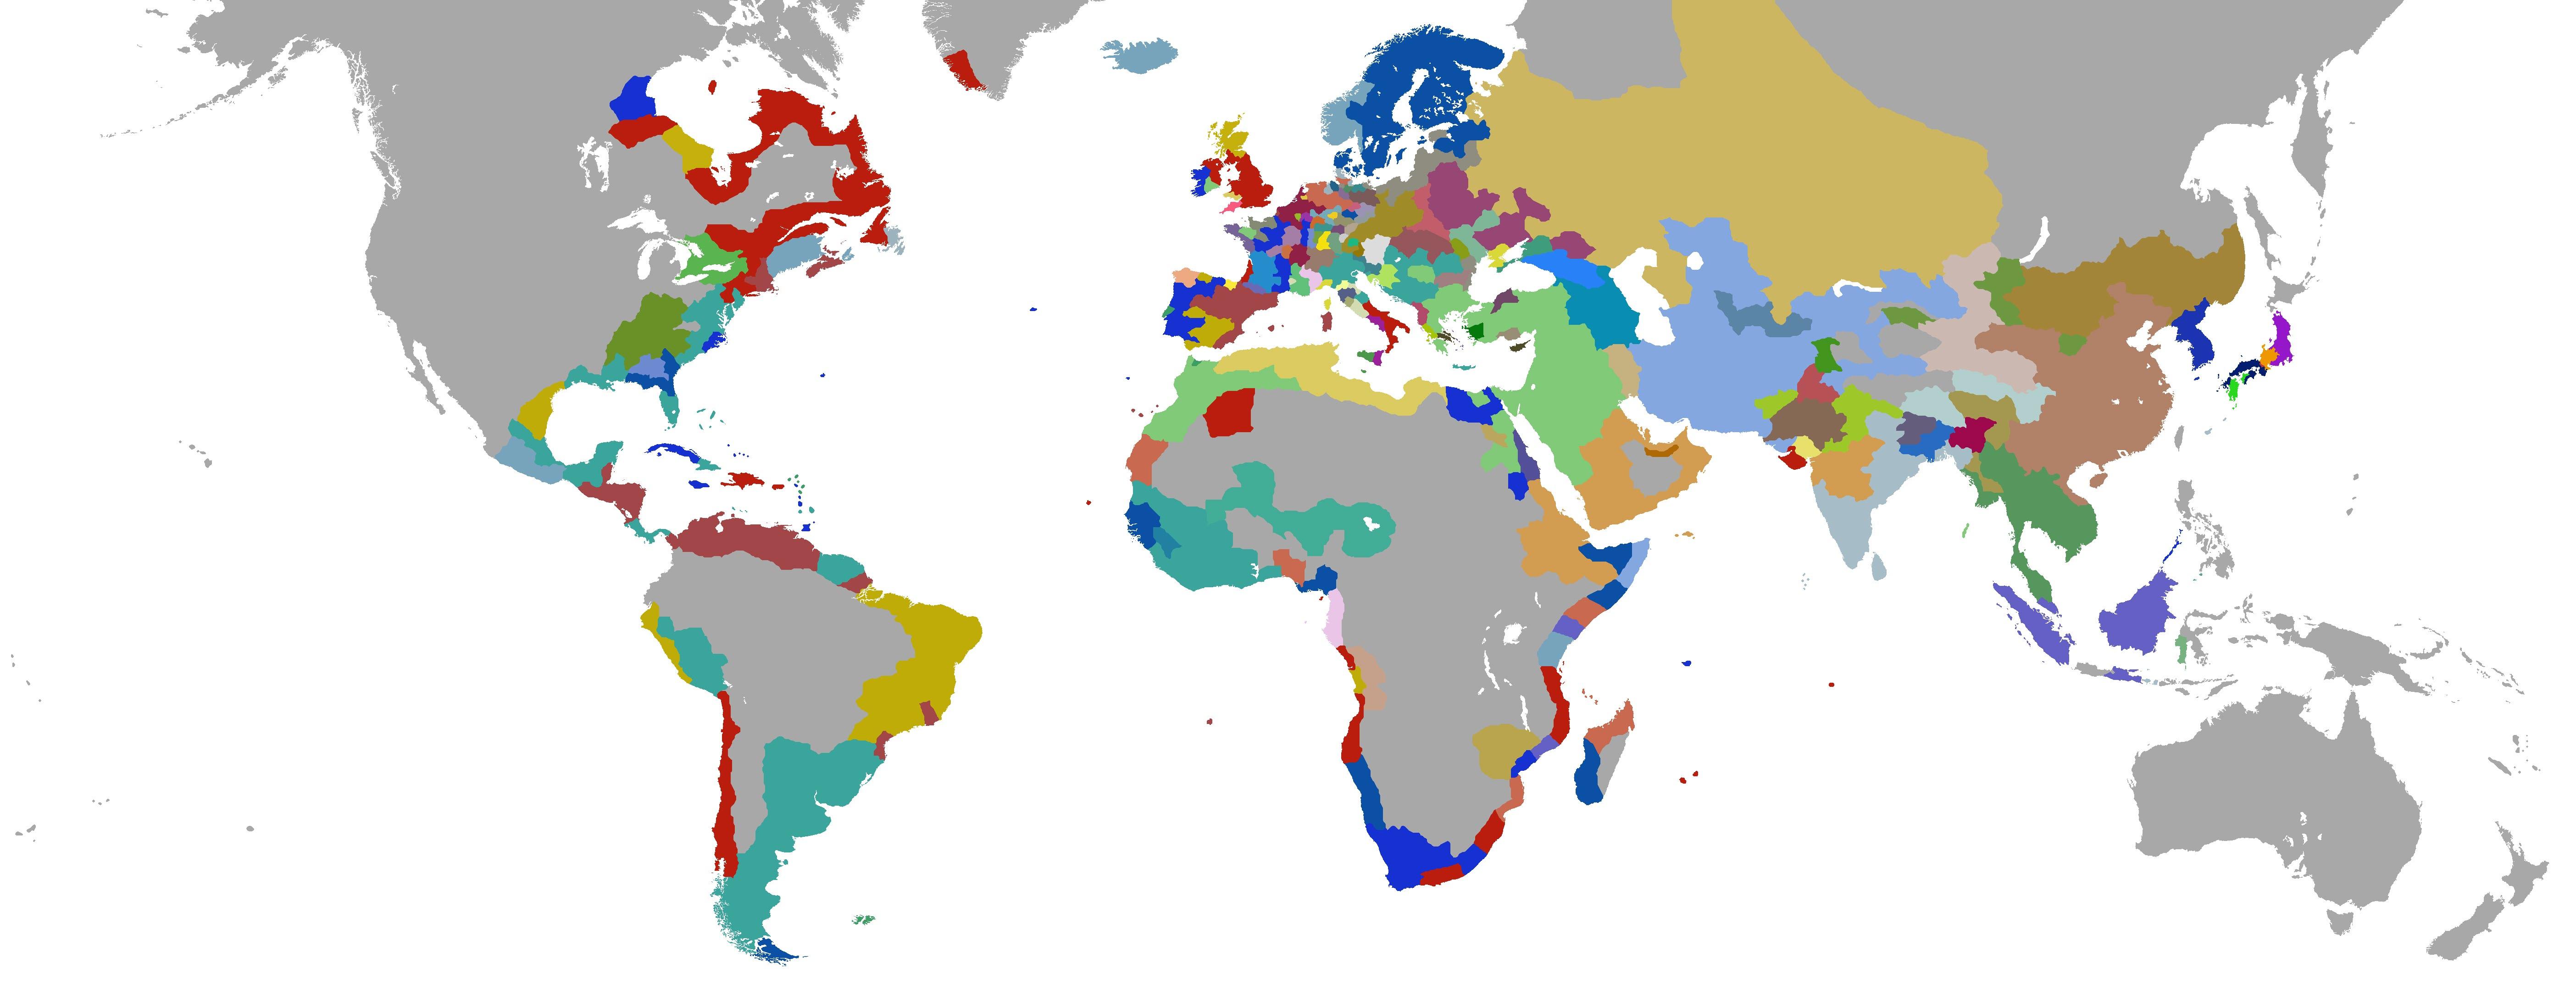 EU3_MAP_VEN_1593.10.27_1.jpg